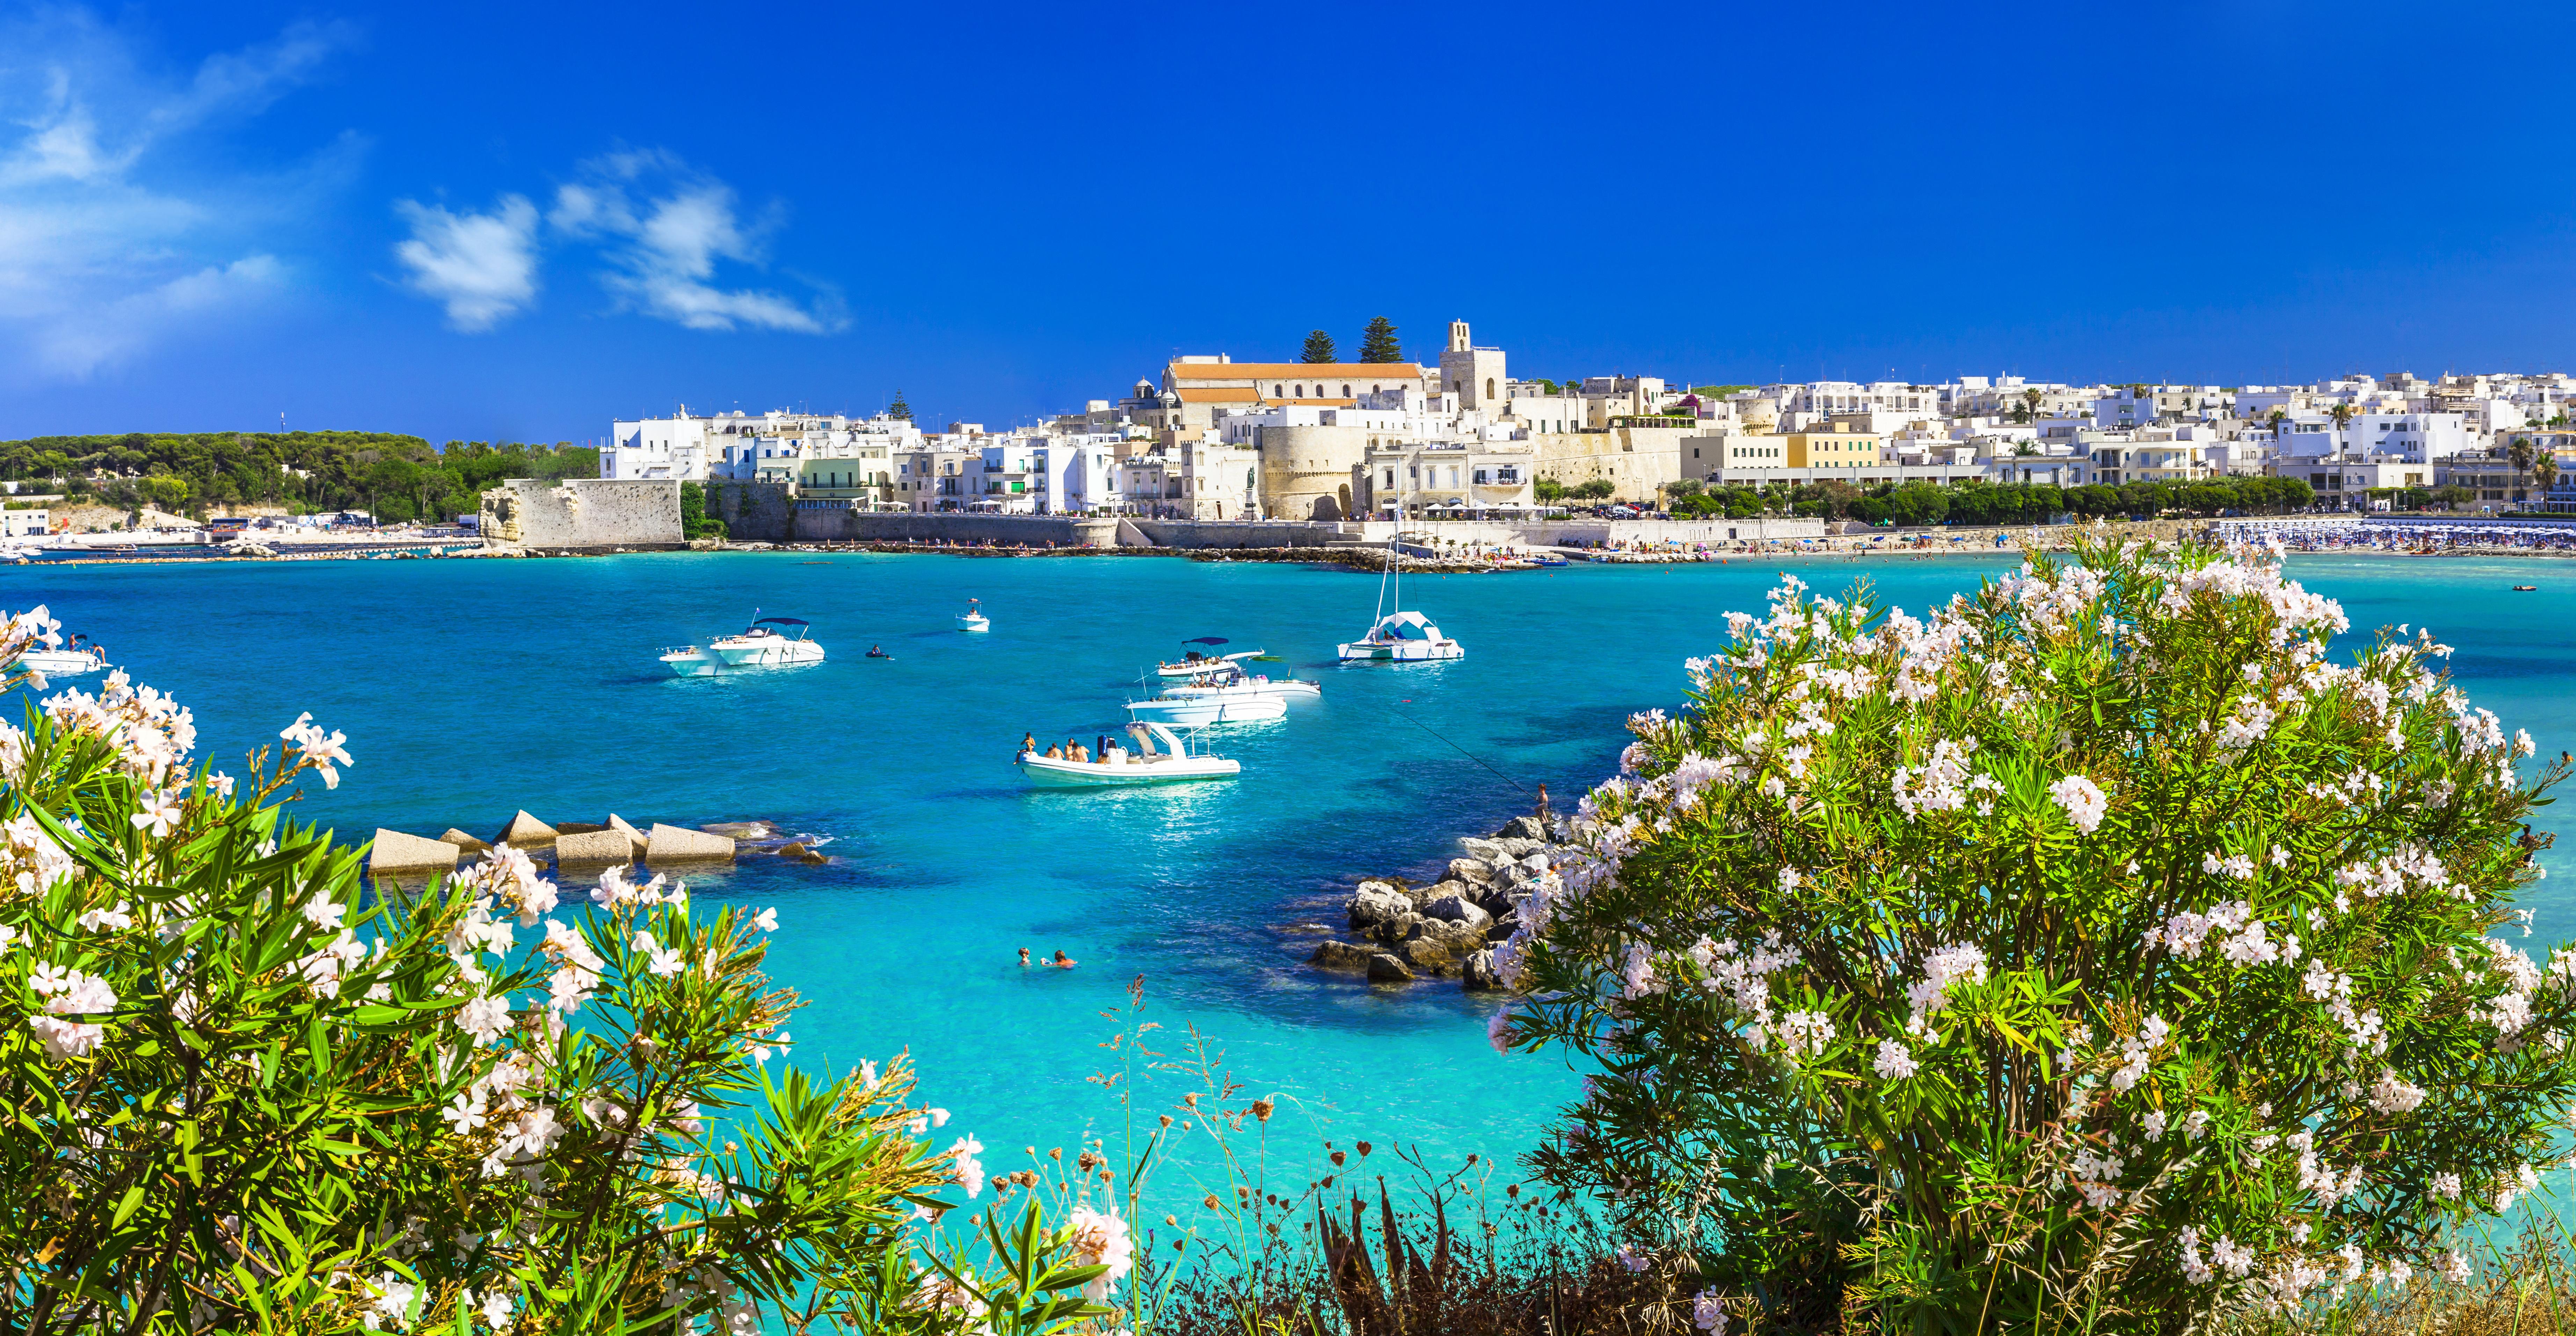 Otranto - Quick Travel Guide to Puglia